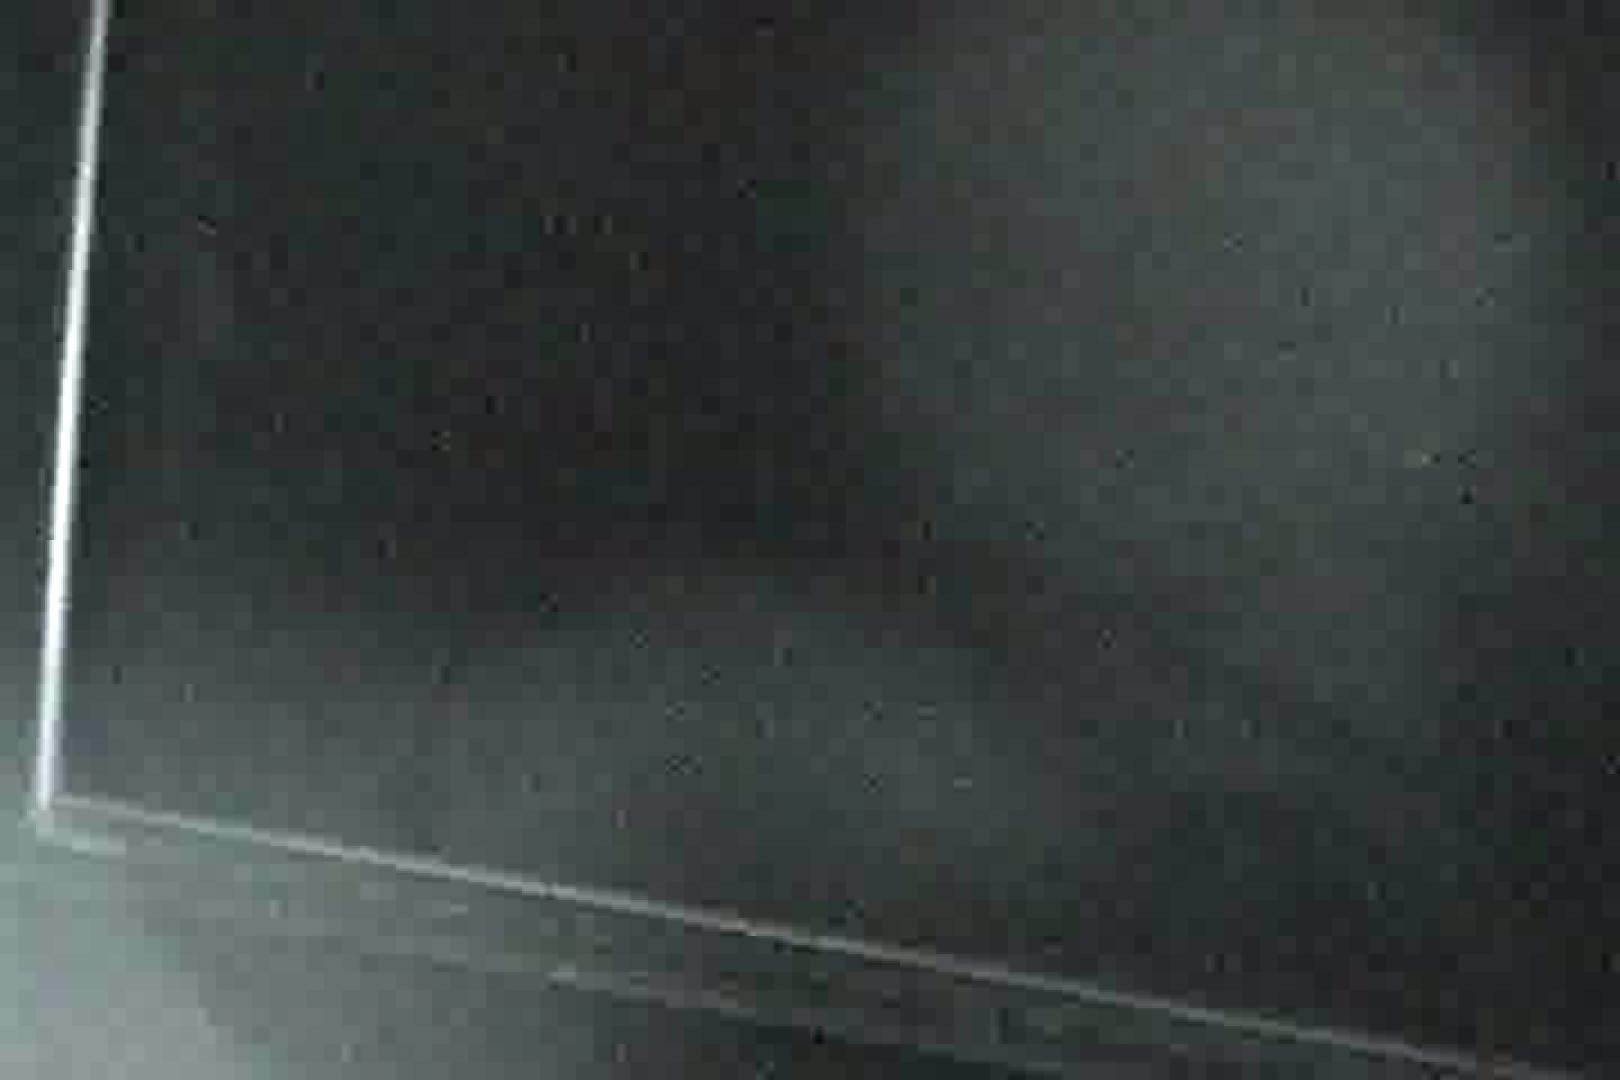 充血監督の深夜の運動会Vol.3 カップル オメコ動画キャプチャ 76pic 3